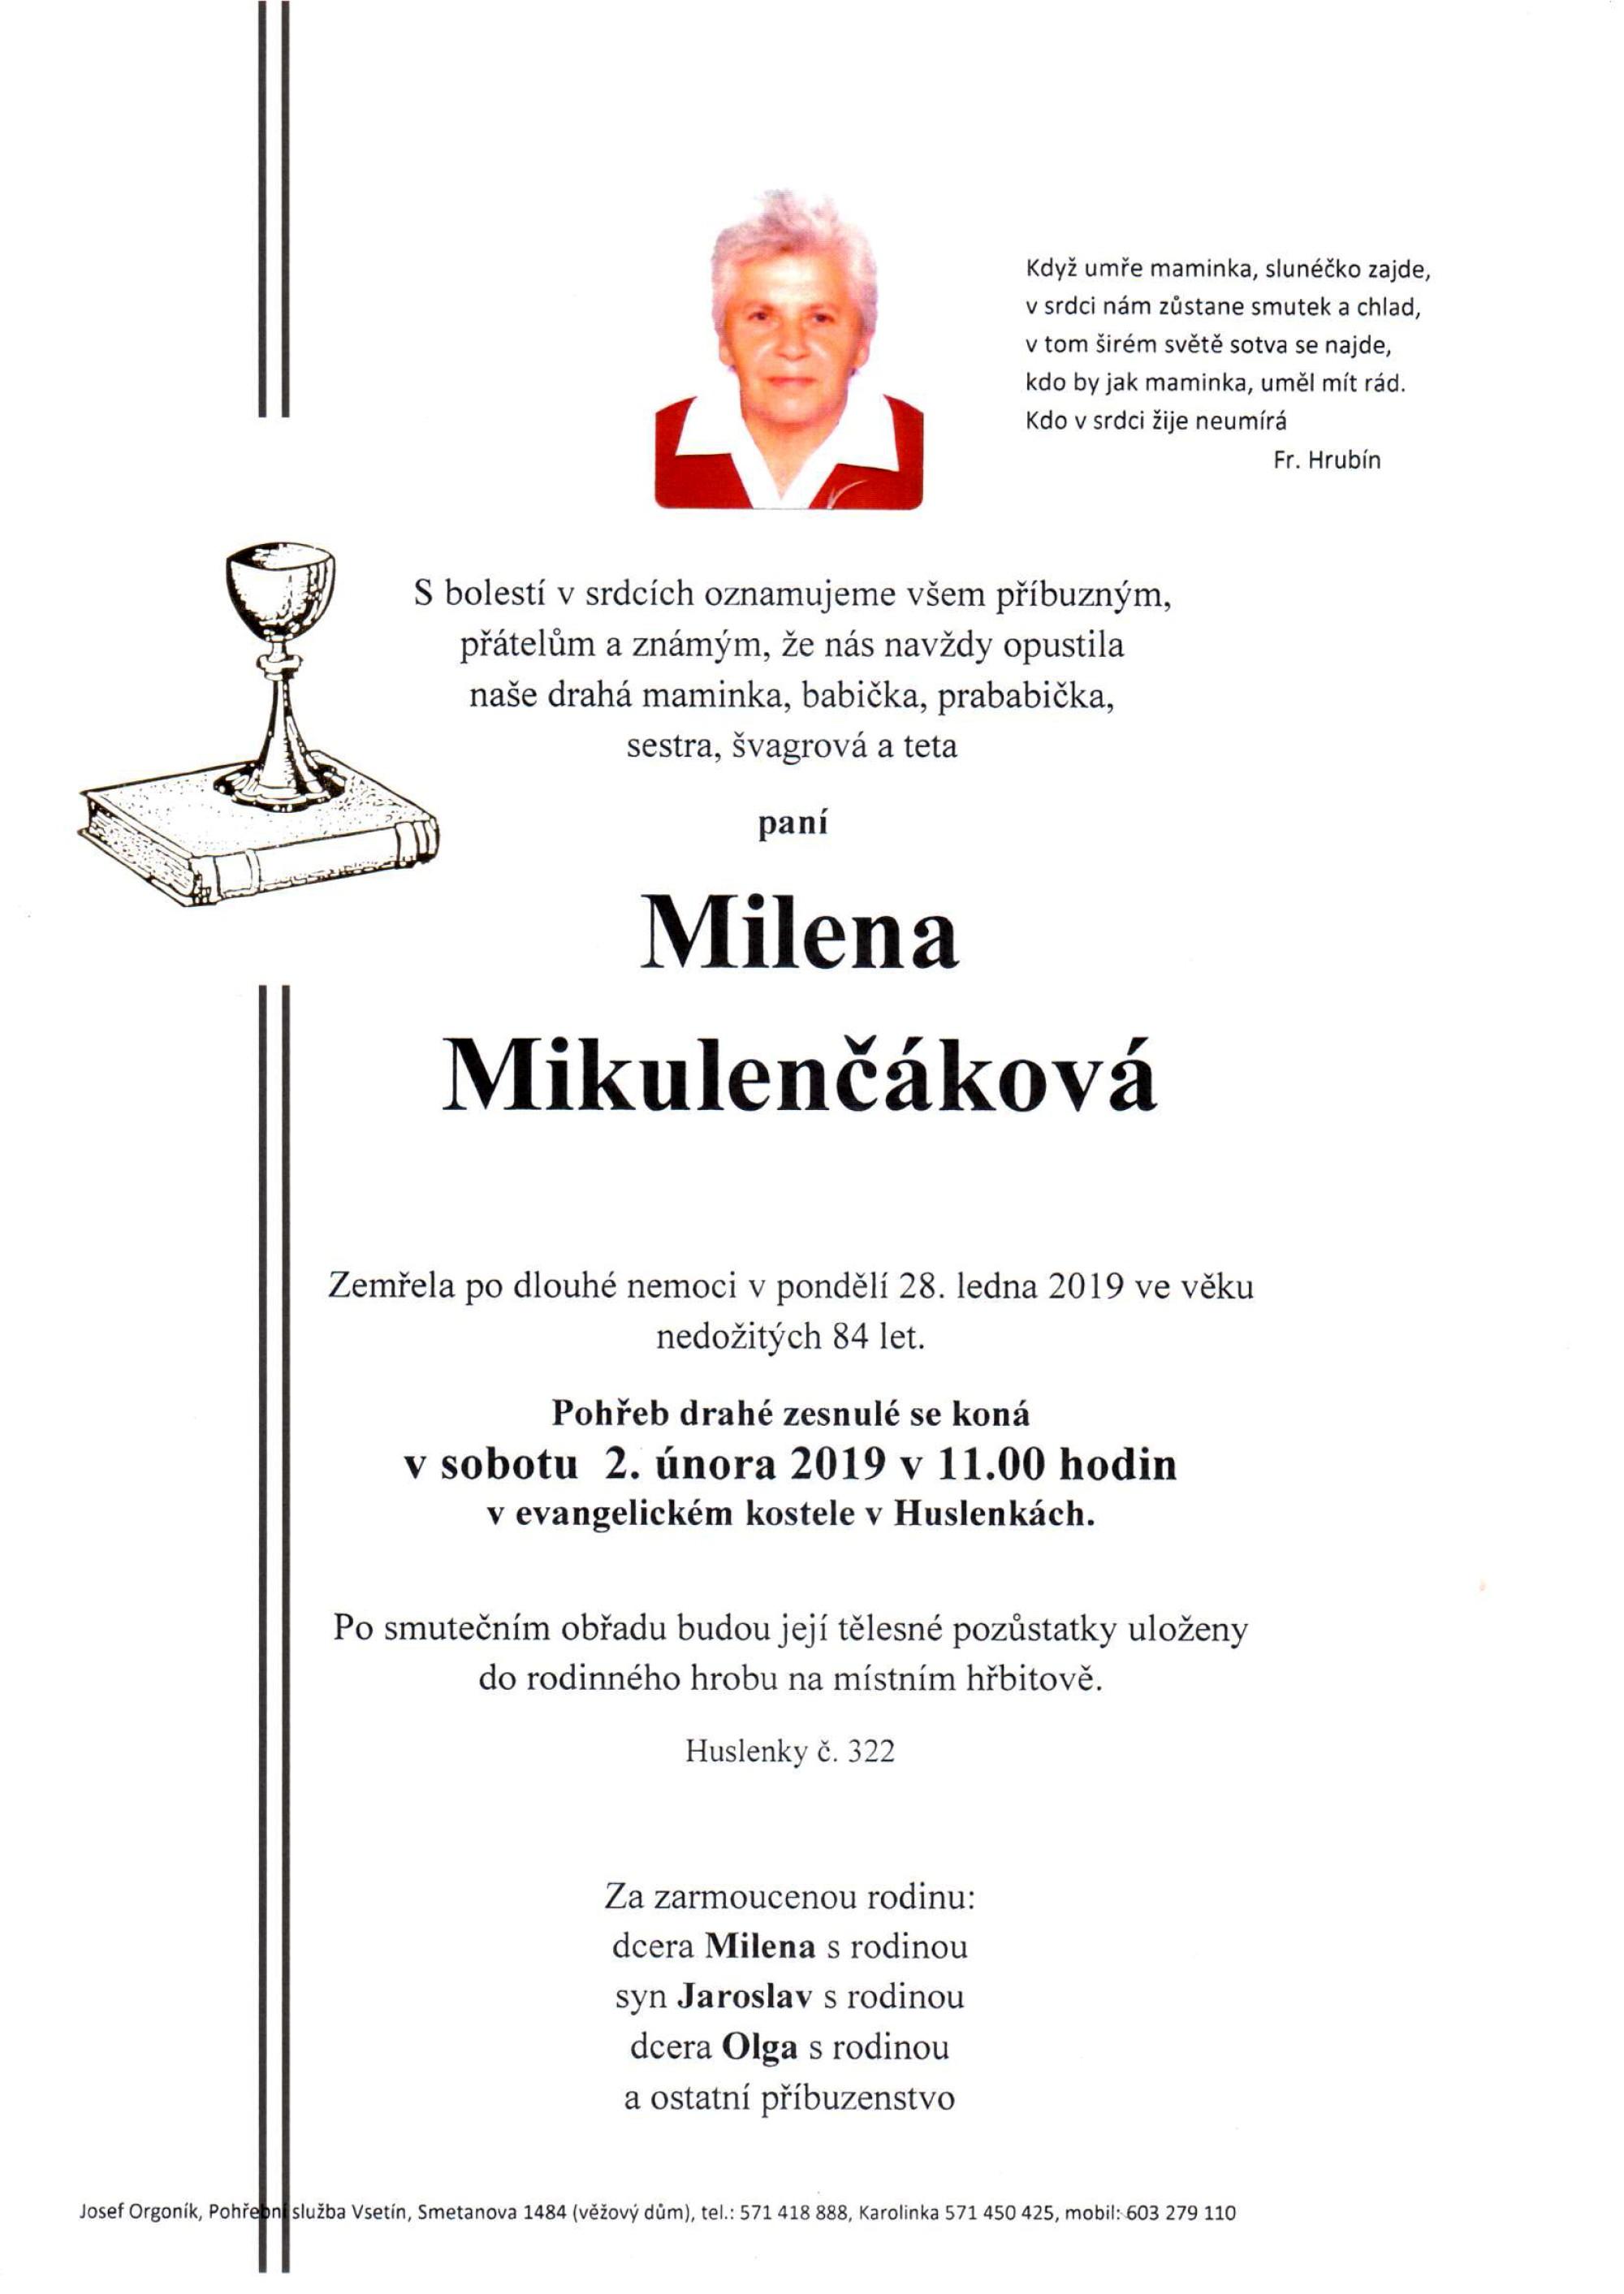 Milena Mikulenčáková